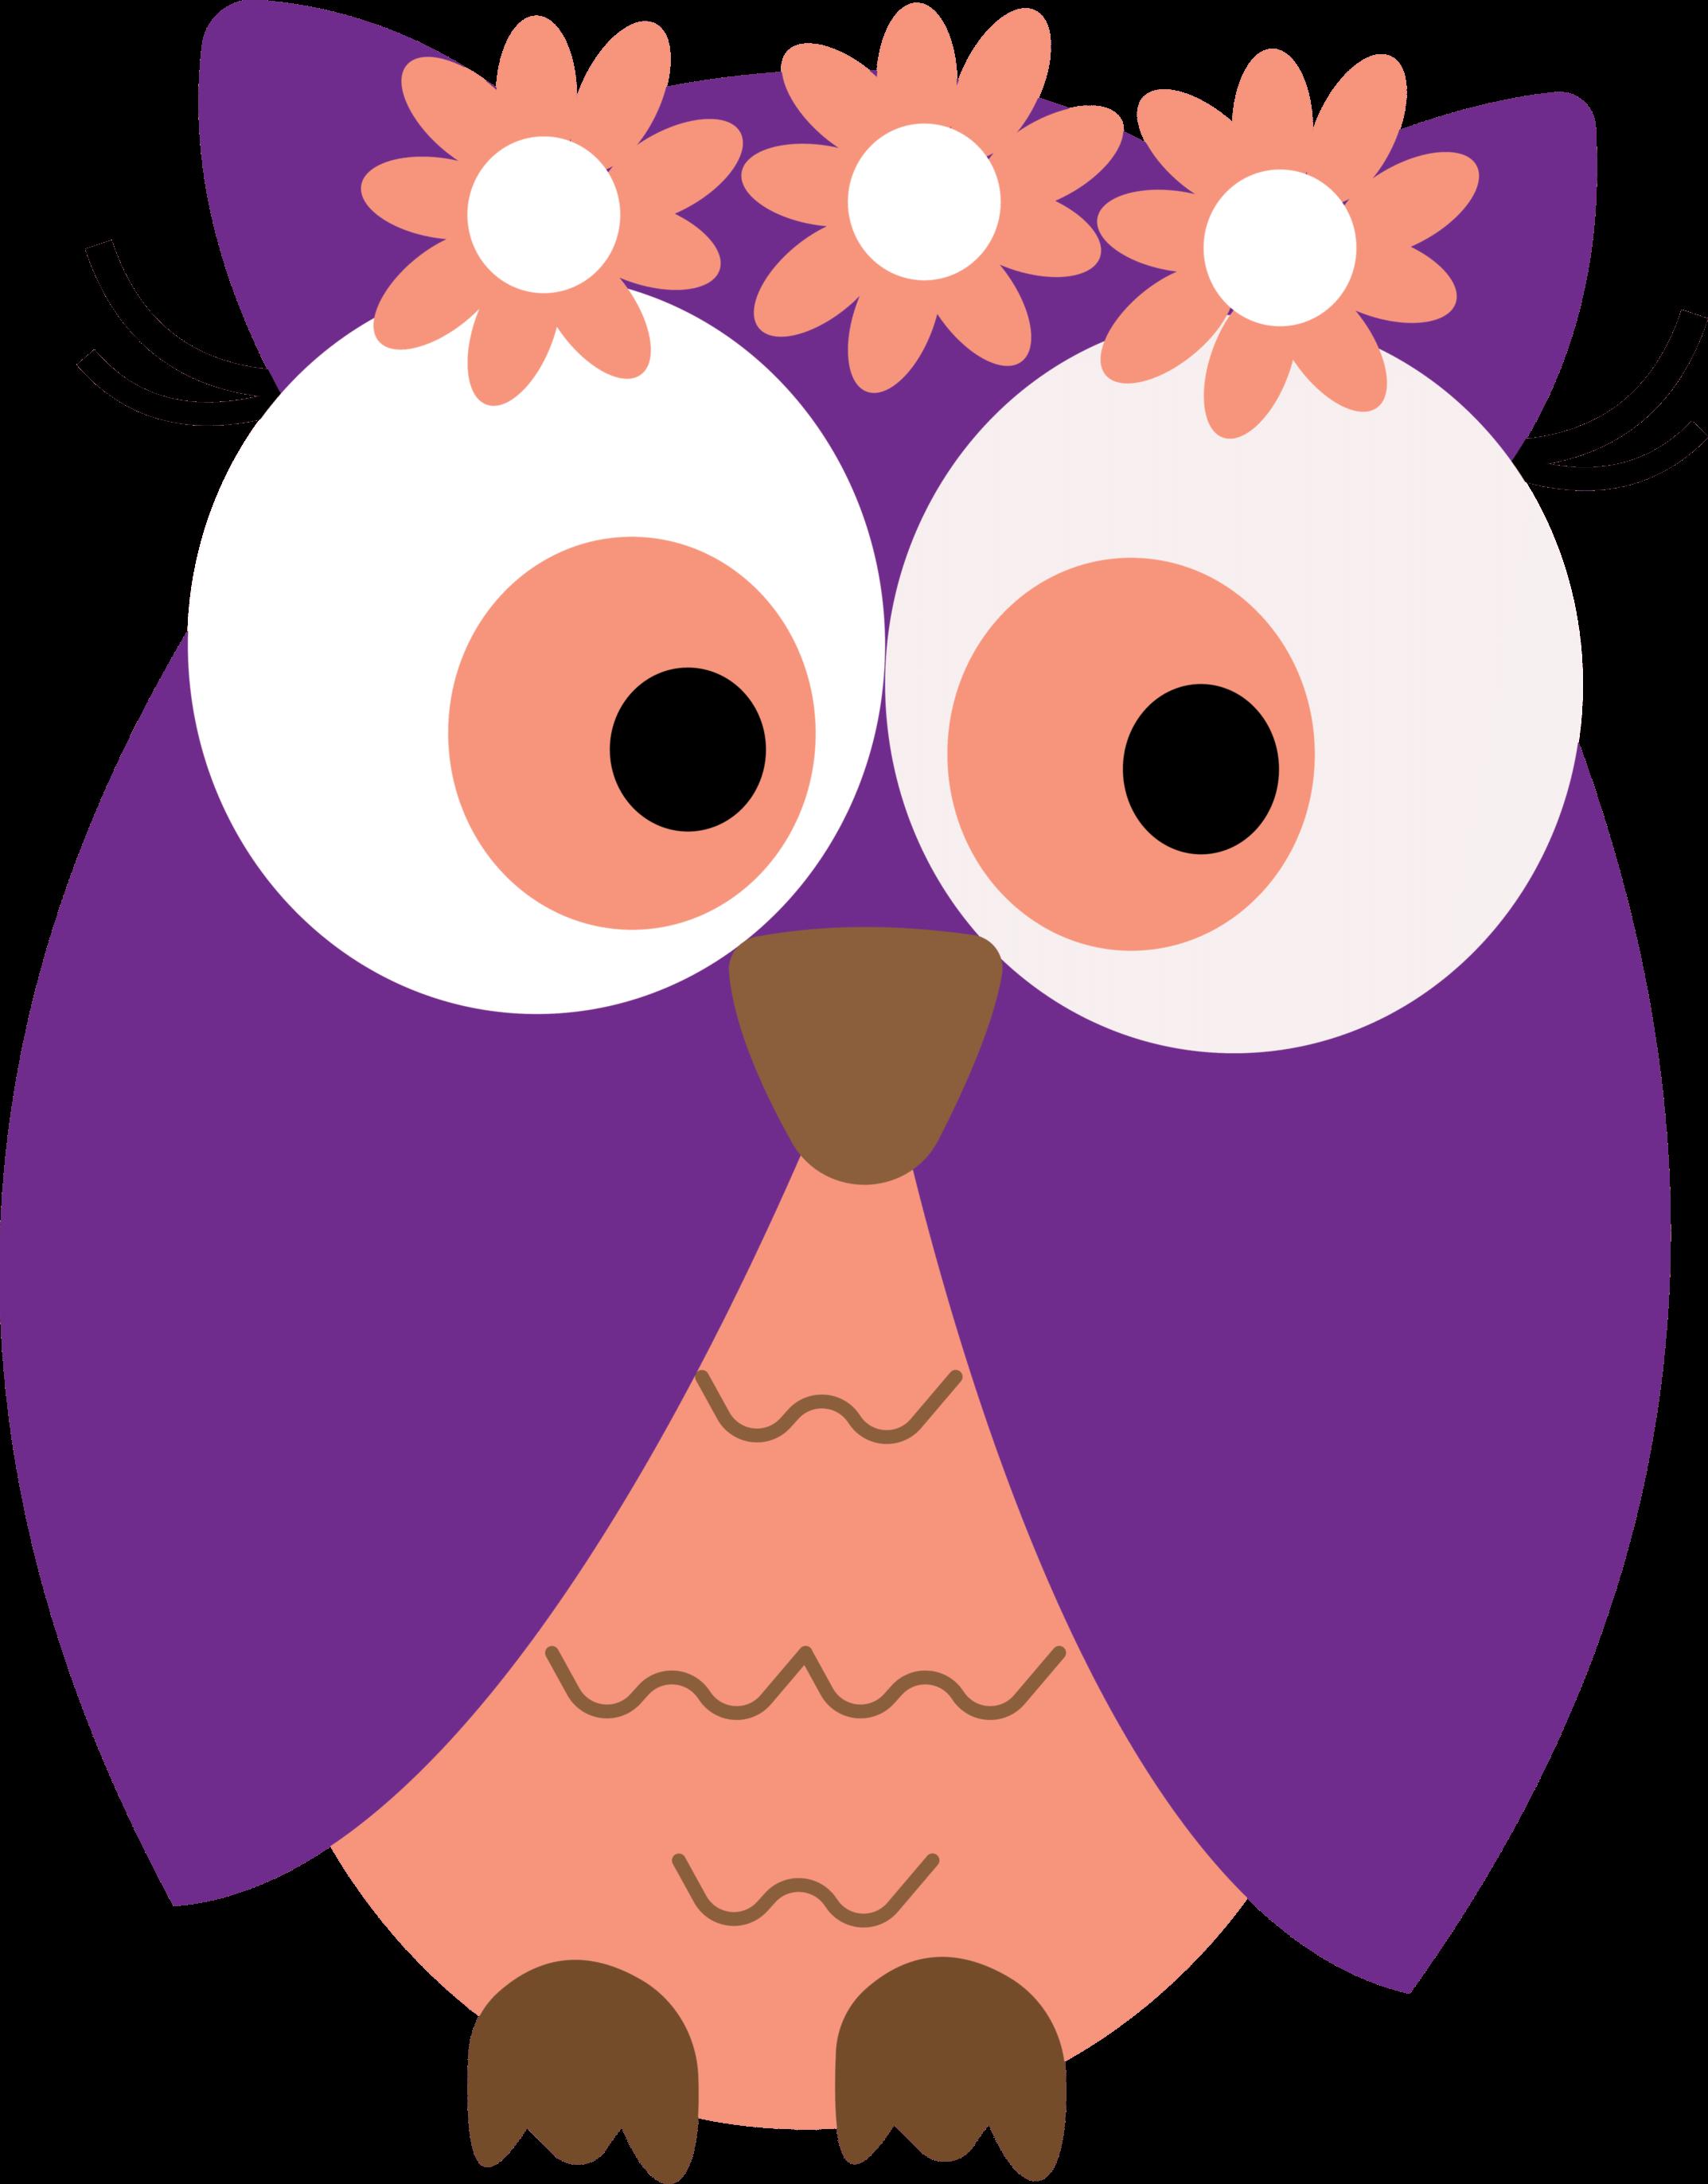 Owls on owl clip art and cartoon owls 2 clipartcow 2.